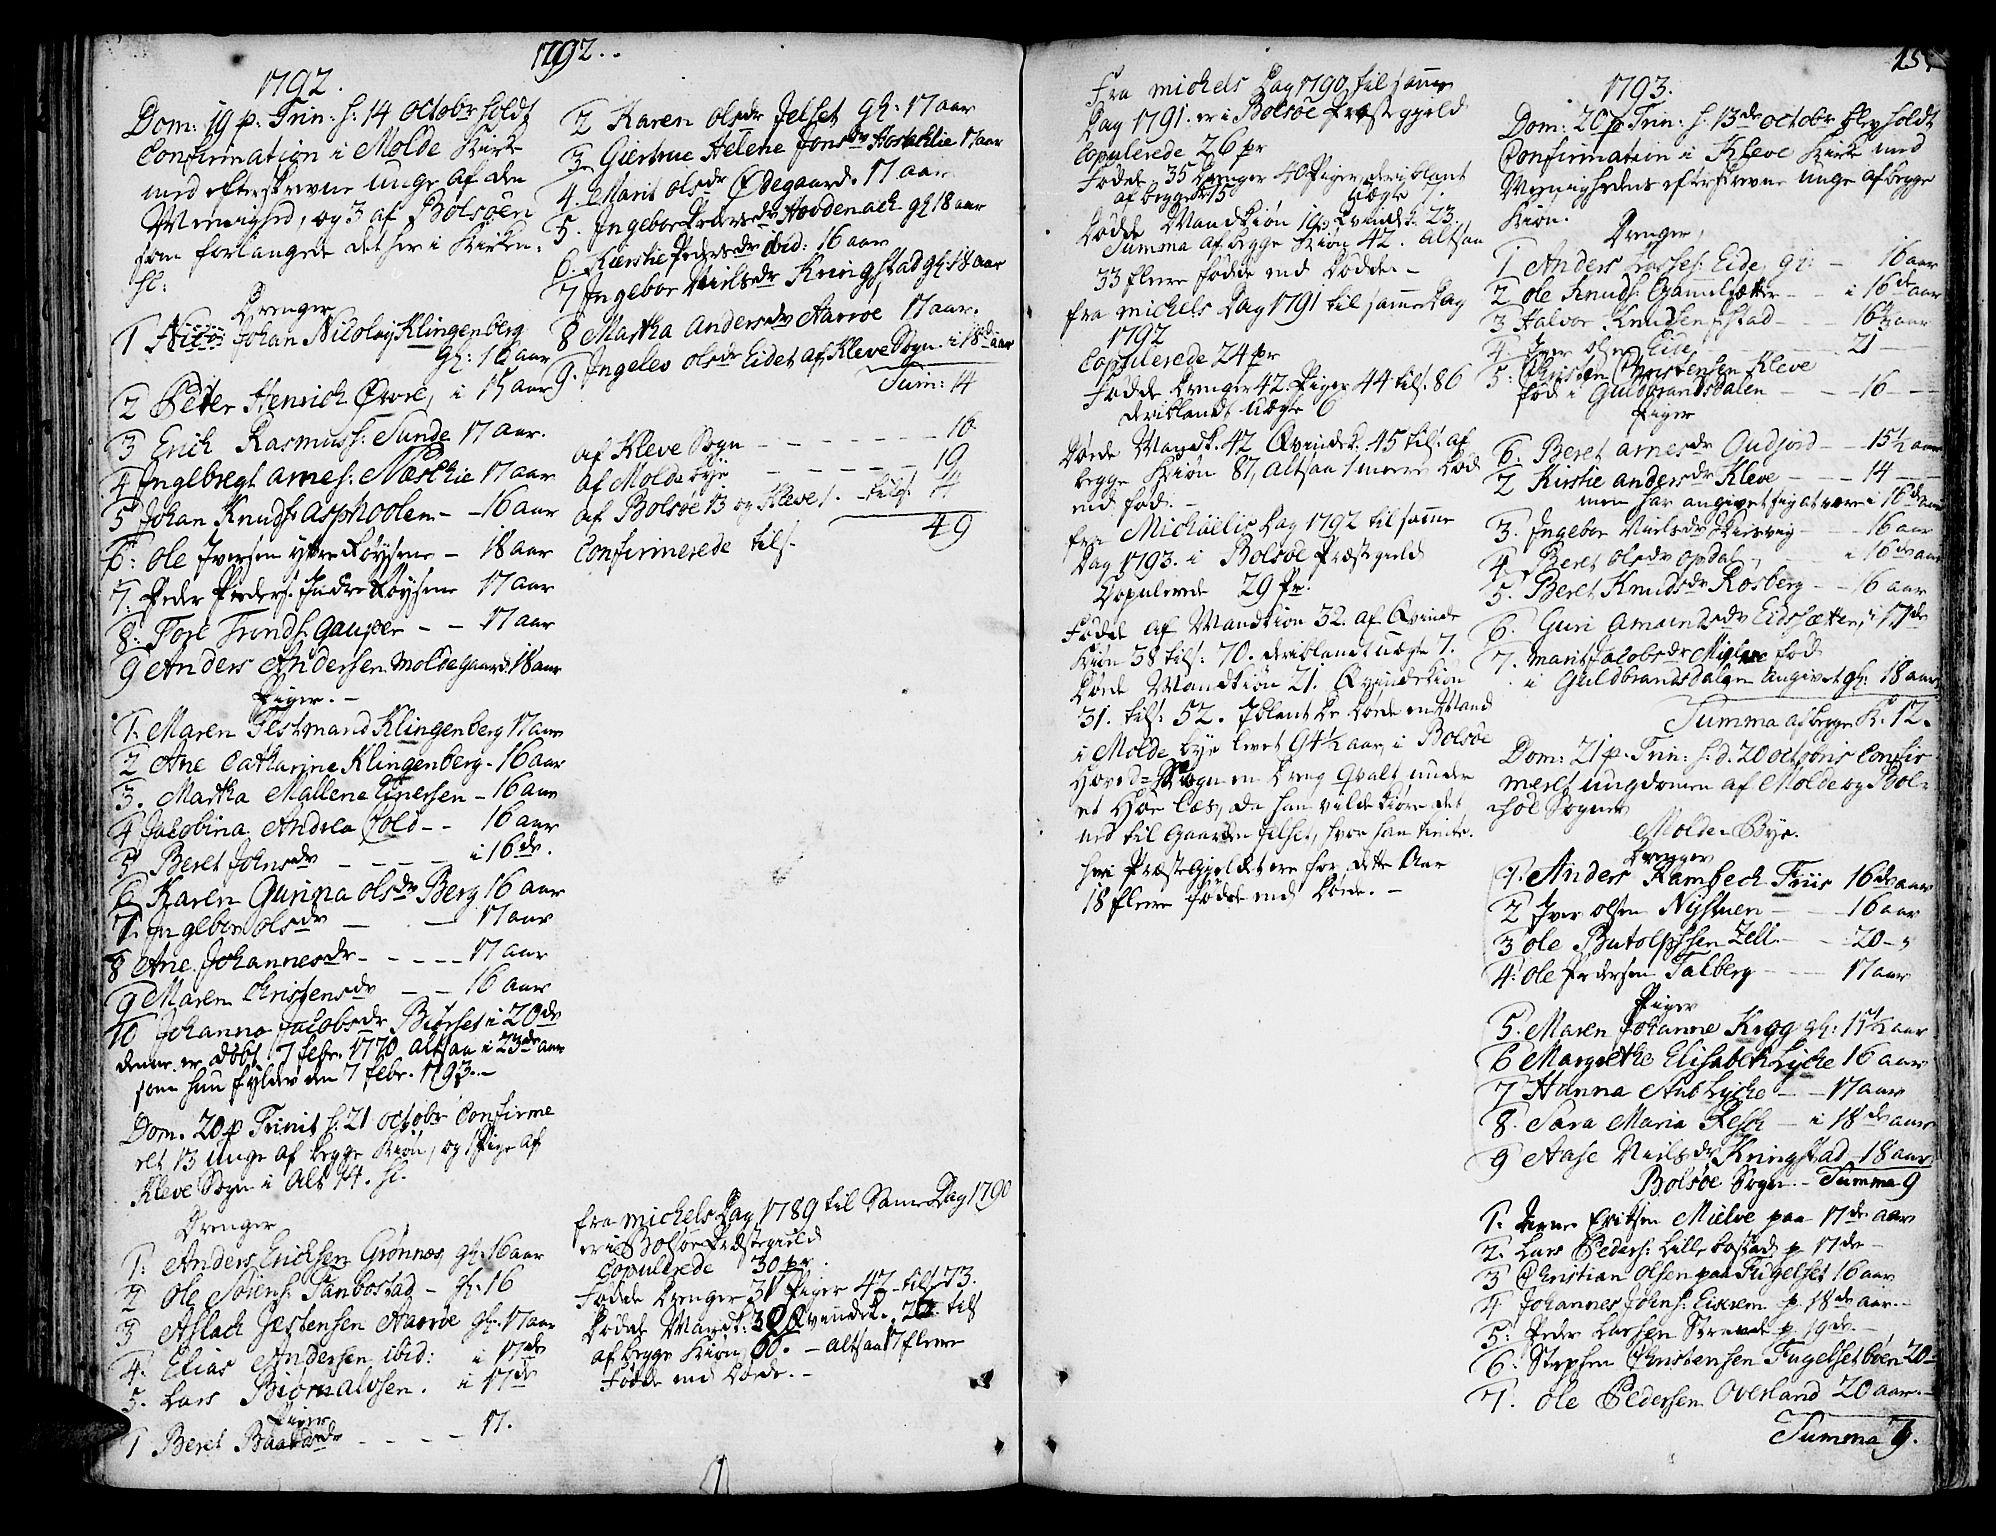 SAT, Ministerialprotokoller, klokkerbøker og fødselsregistre - Møre og Romsdal, 555/L0648: Ministerialbok nr. 555A01, 1759-1793, s. 157